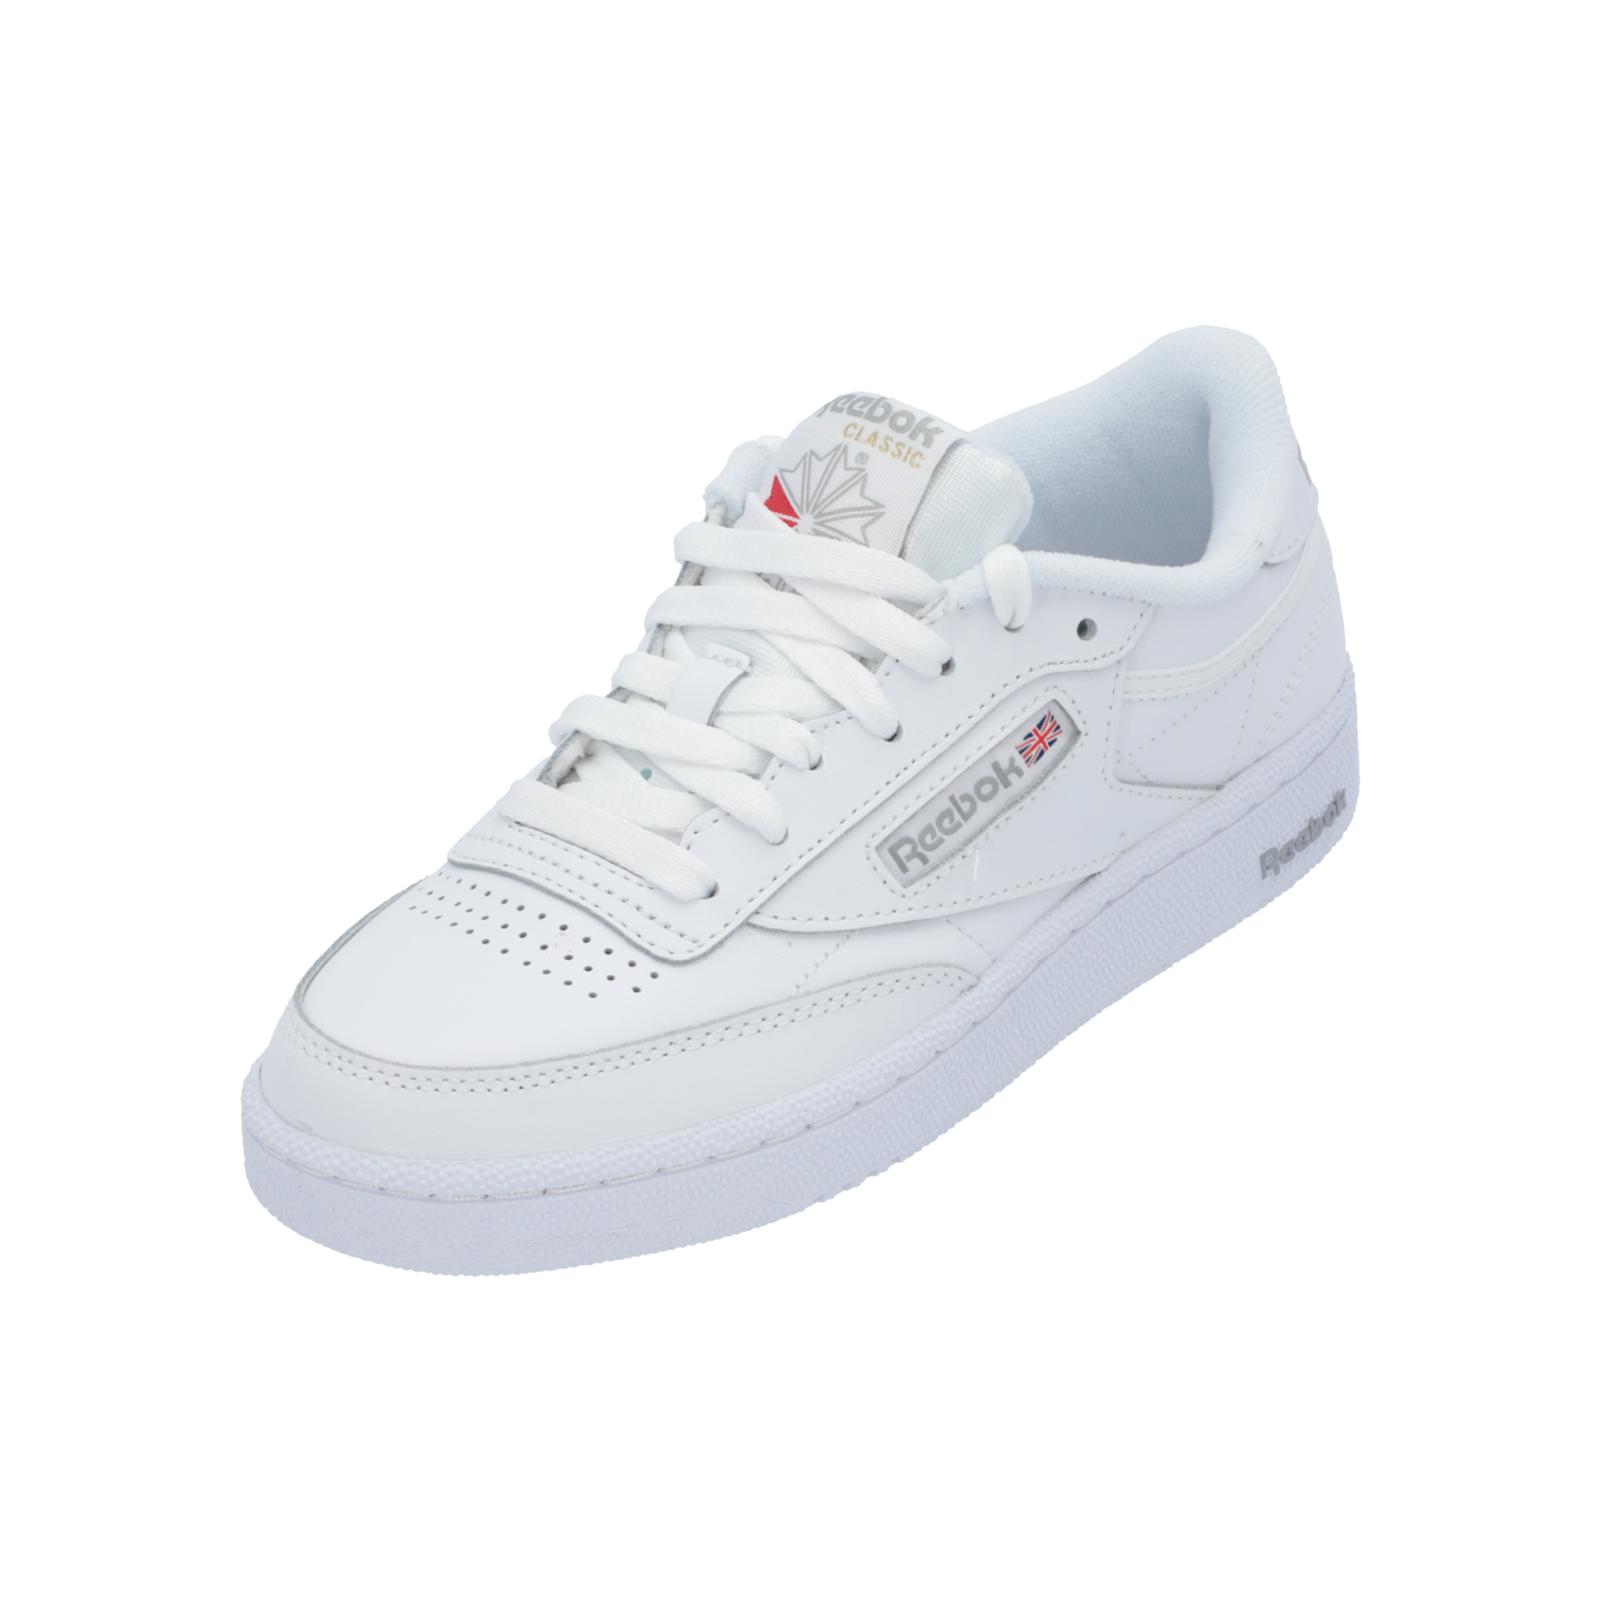 Reebok Classic CLUB C 85 Damen Herren Sneaker Weiß Turn-Schuhe Sport Lauf Schuhe